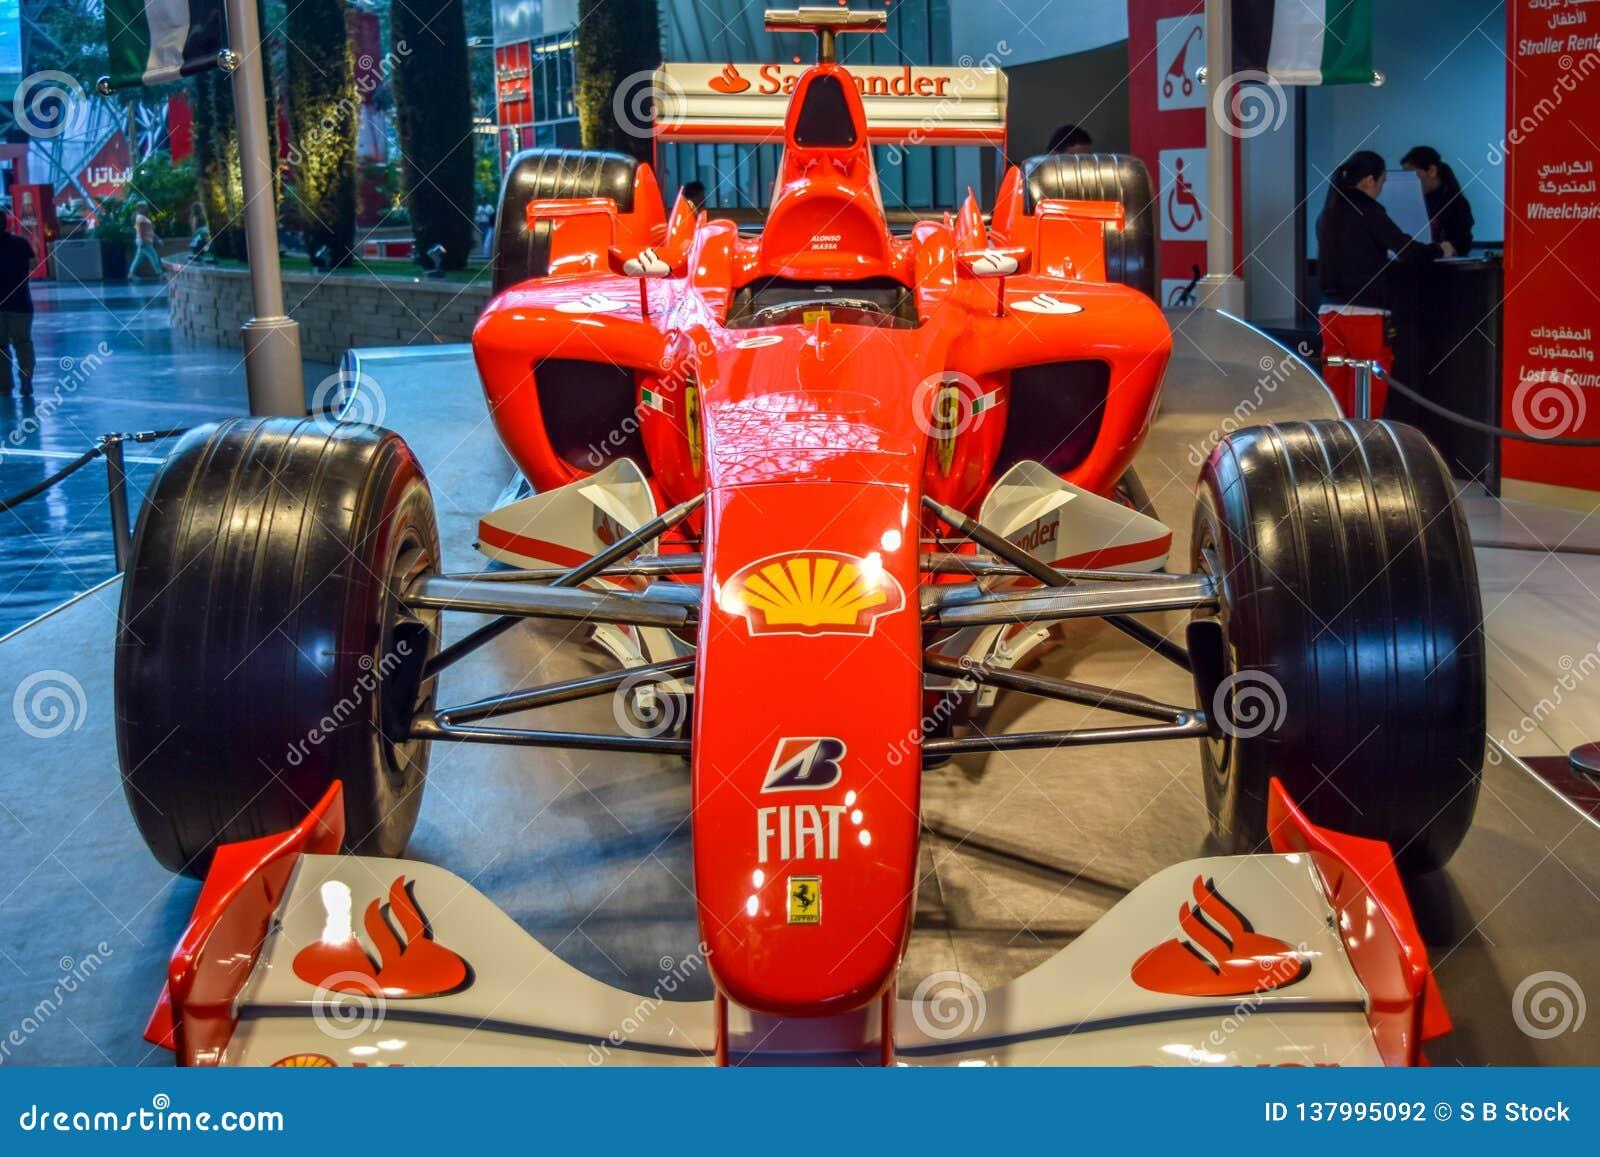 意大利汽车品牌菲亚特汽车显示了在亭子里面在访客的一个车展